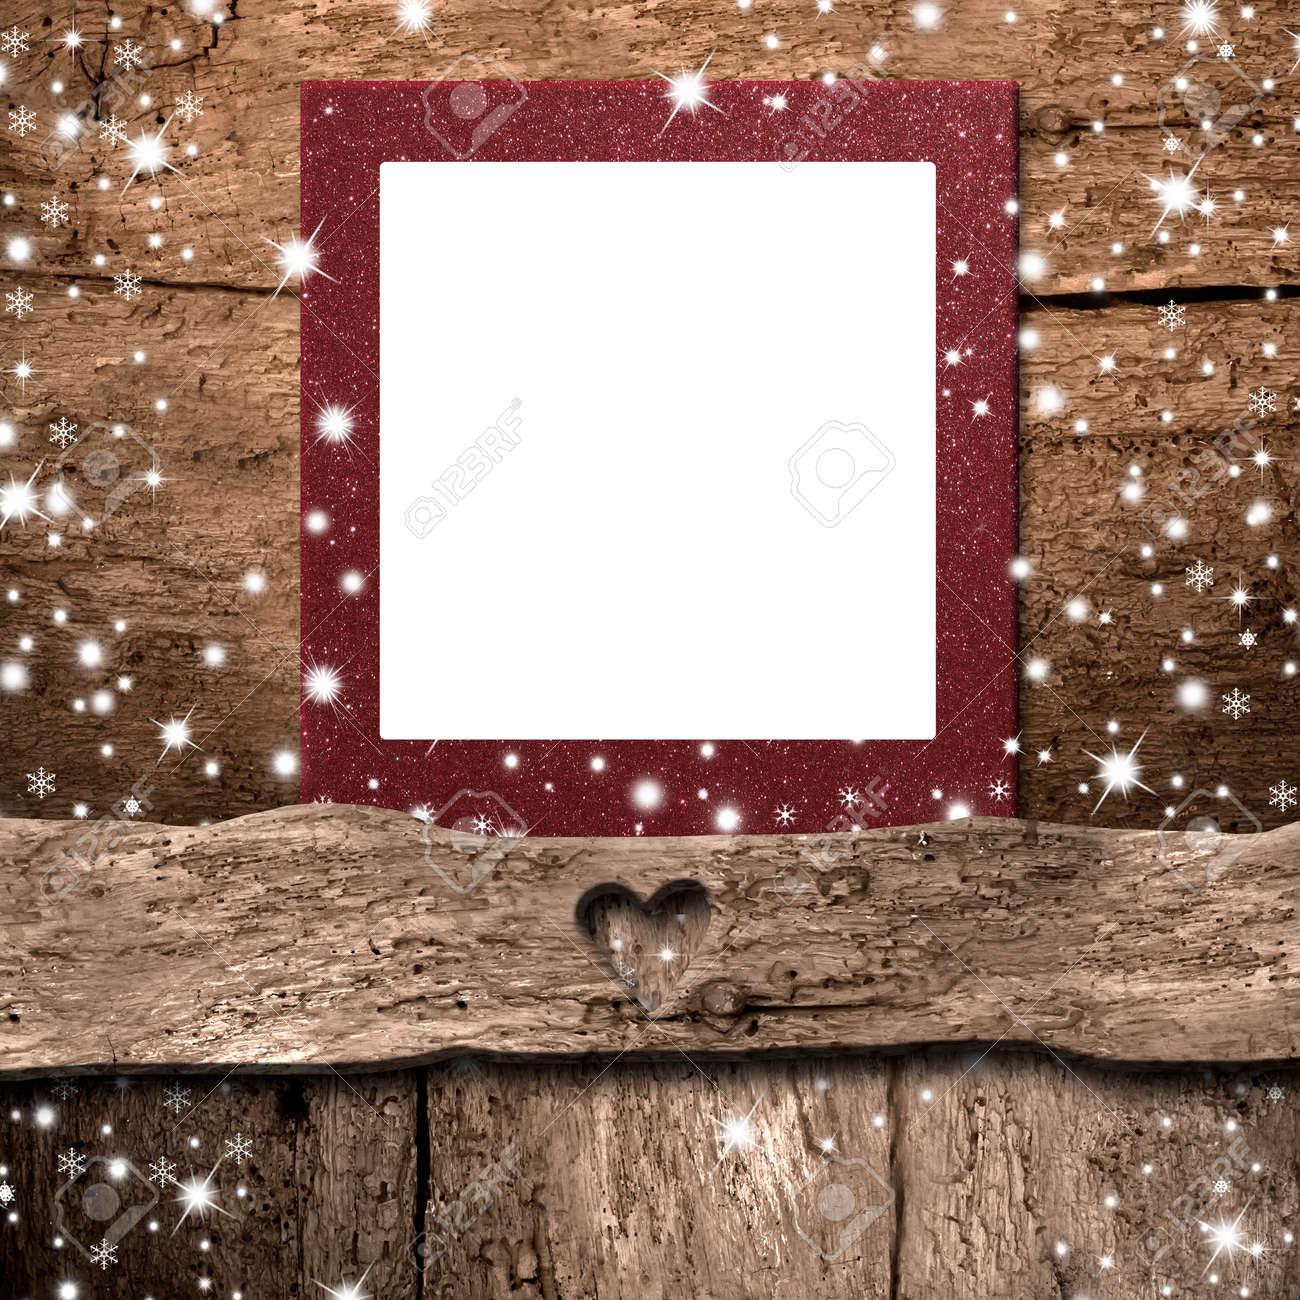 Weihnachten Leer Fotorahmen Karte, Leeren Rahmen Auf Rustikale Wand ...